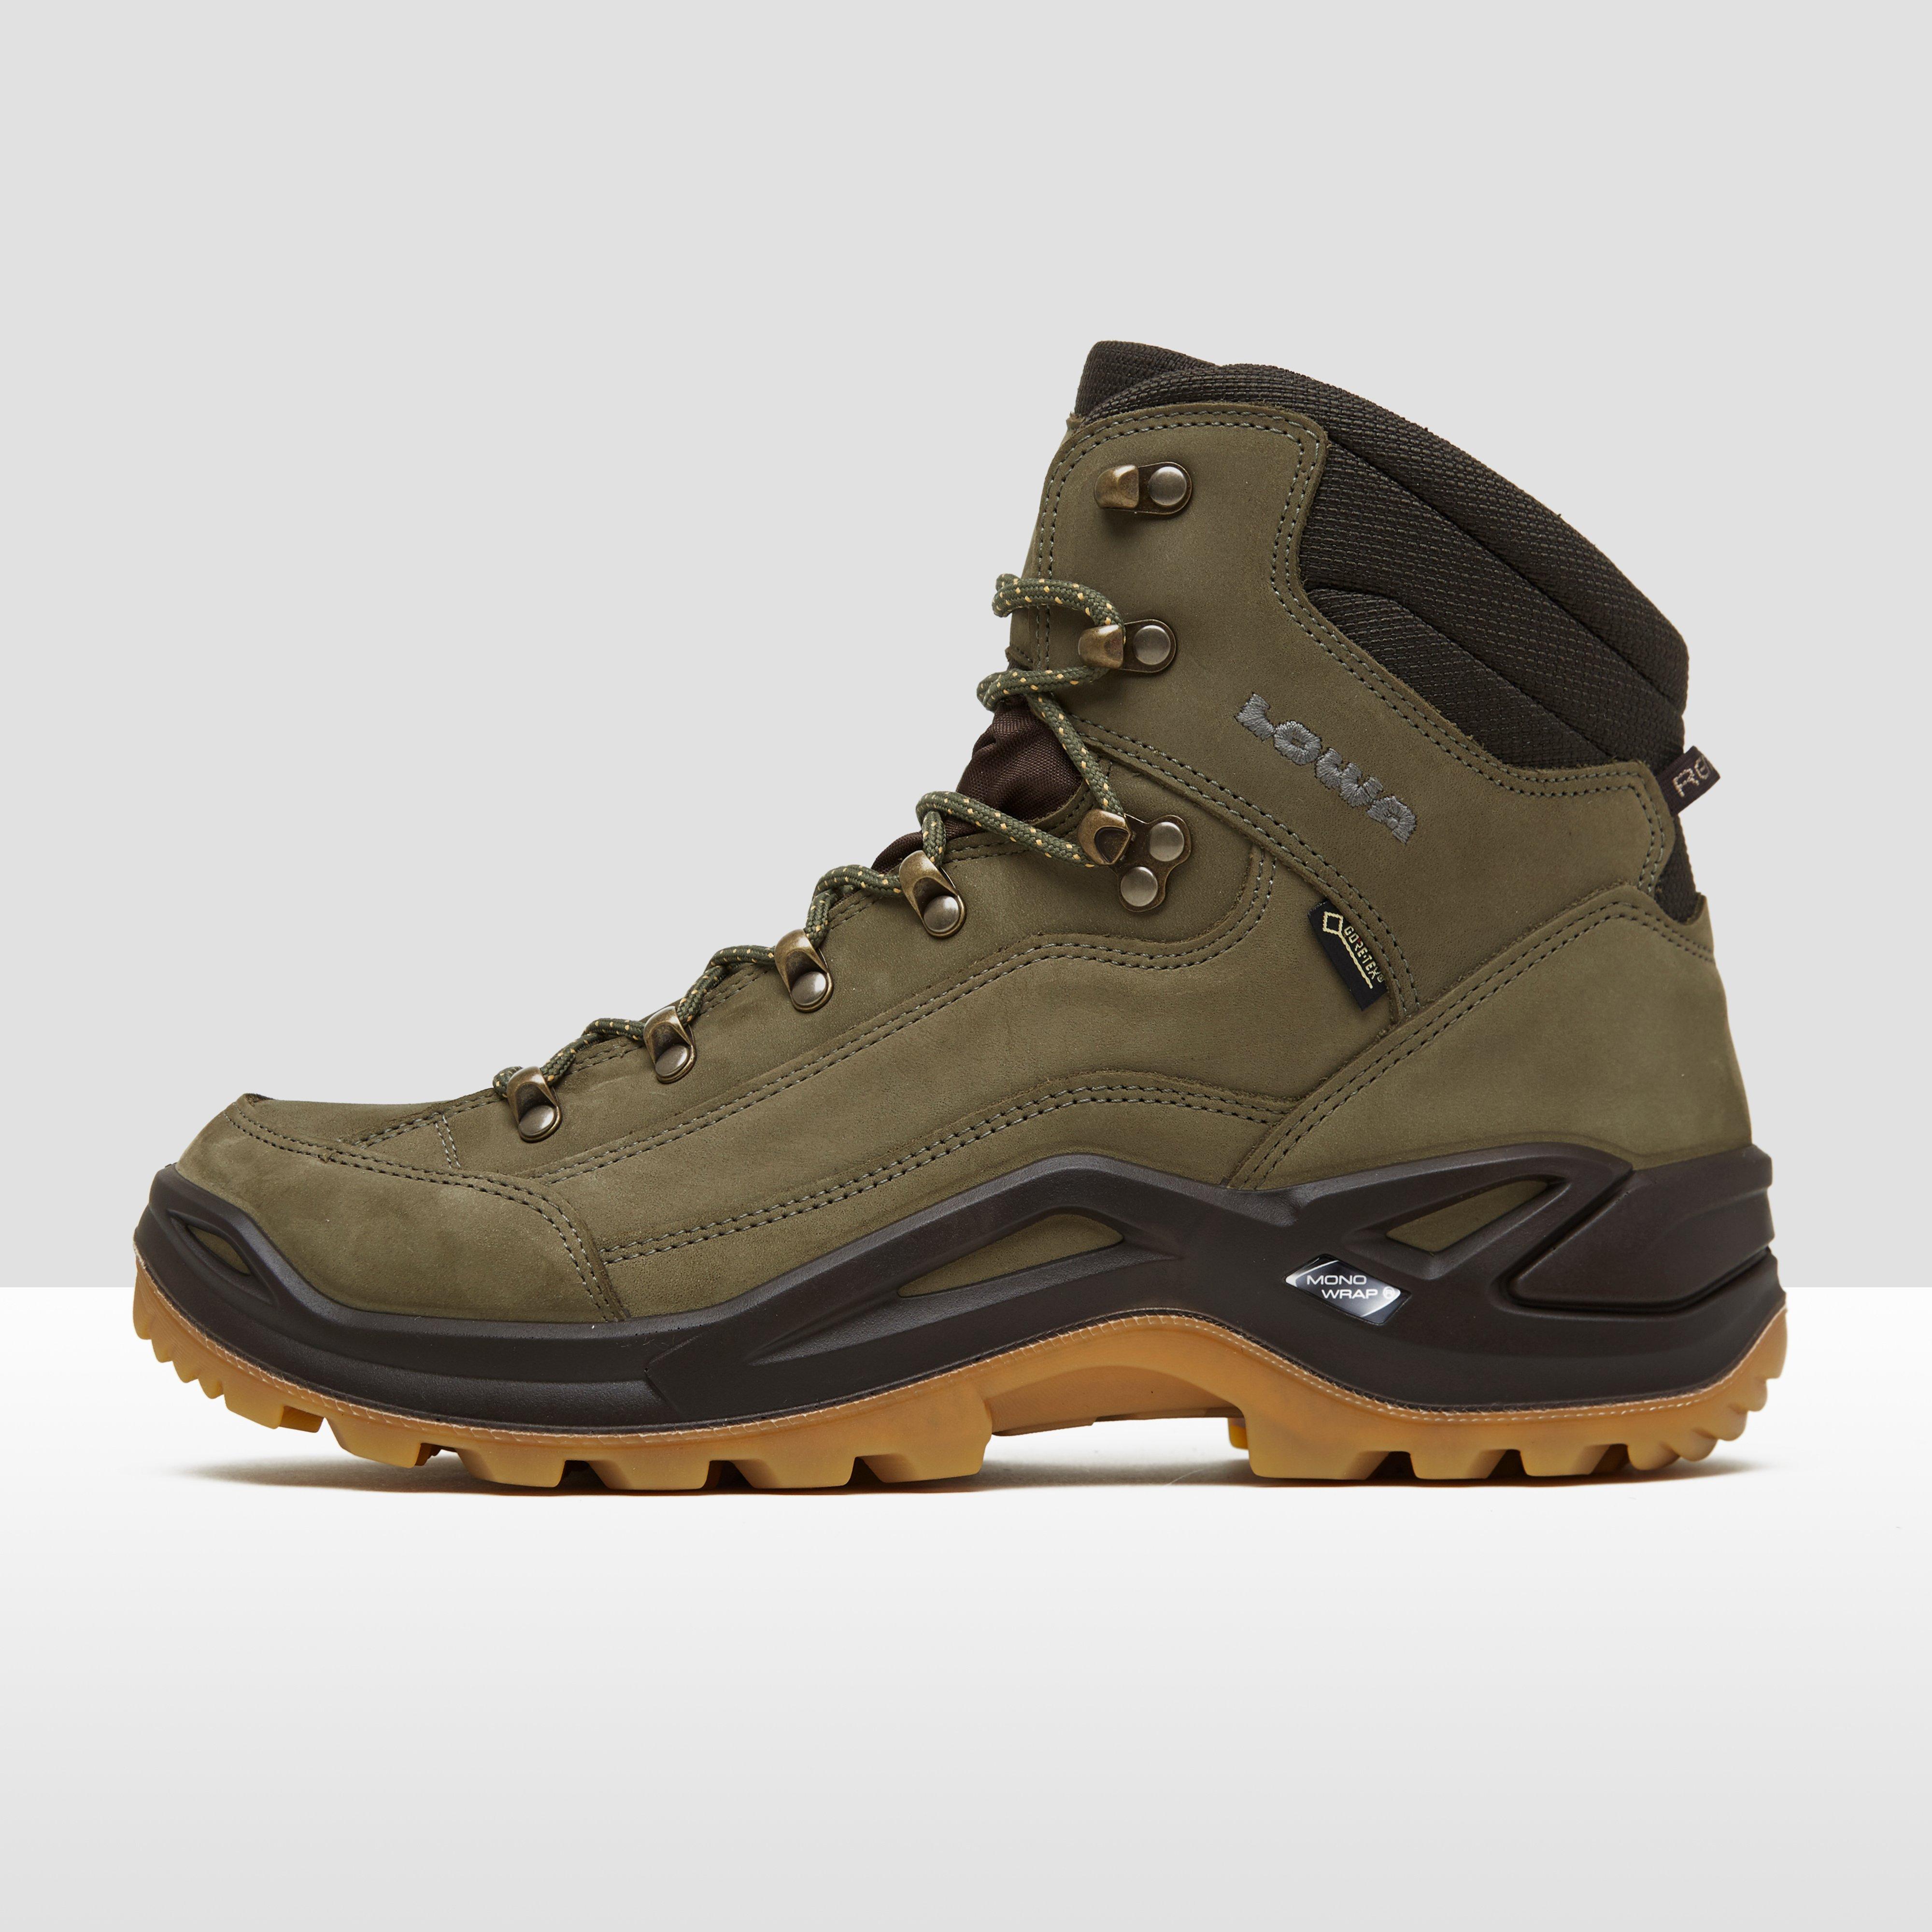 Chaussures Vertes Iowa Pour Les Hommes cXVQQf2TyL